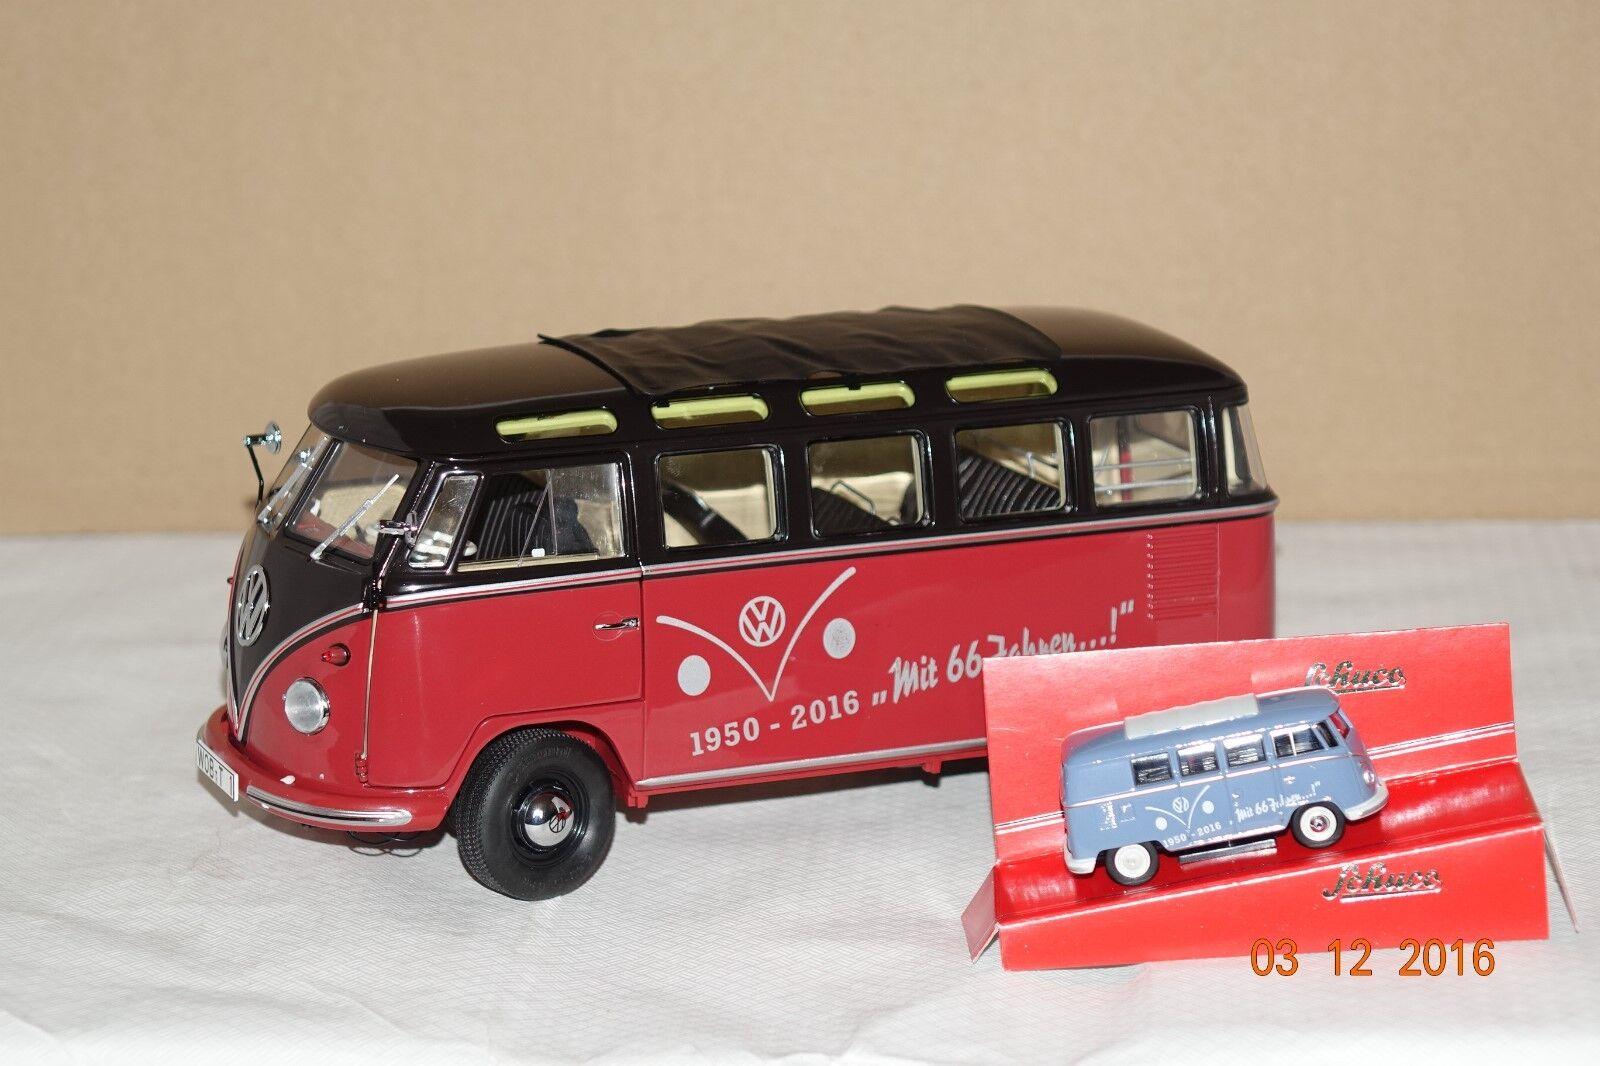 Giubileo pacchetto  66 anni VW t1 Bully  1:64 + 1:18 Schuco NUOVO & OVP 28401